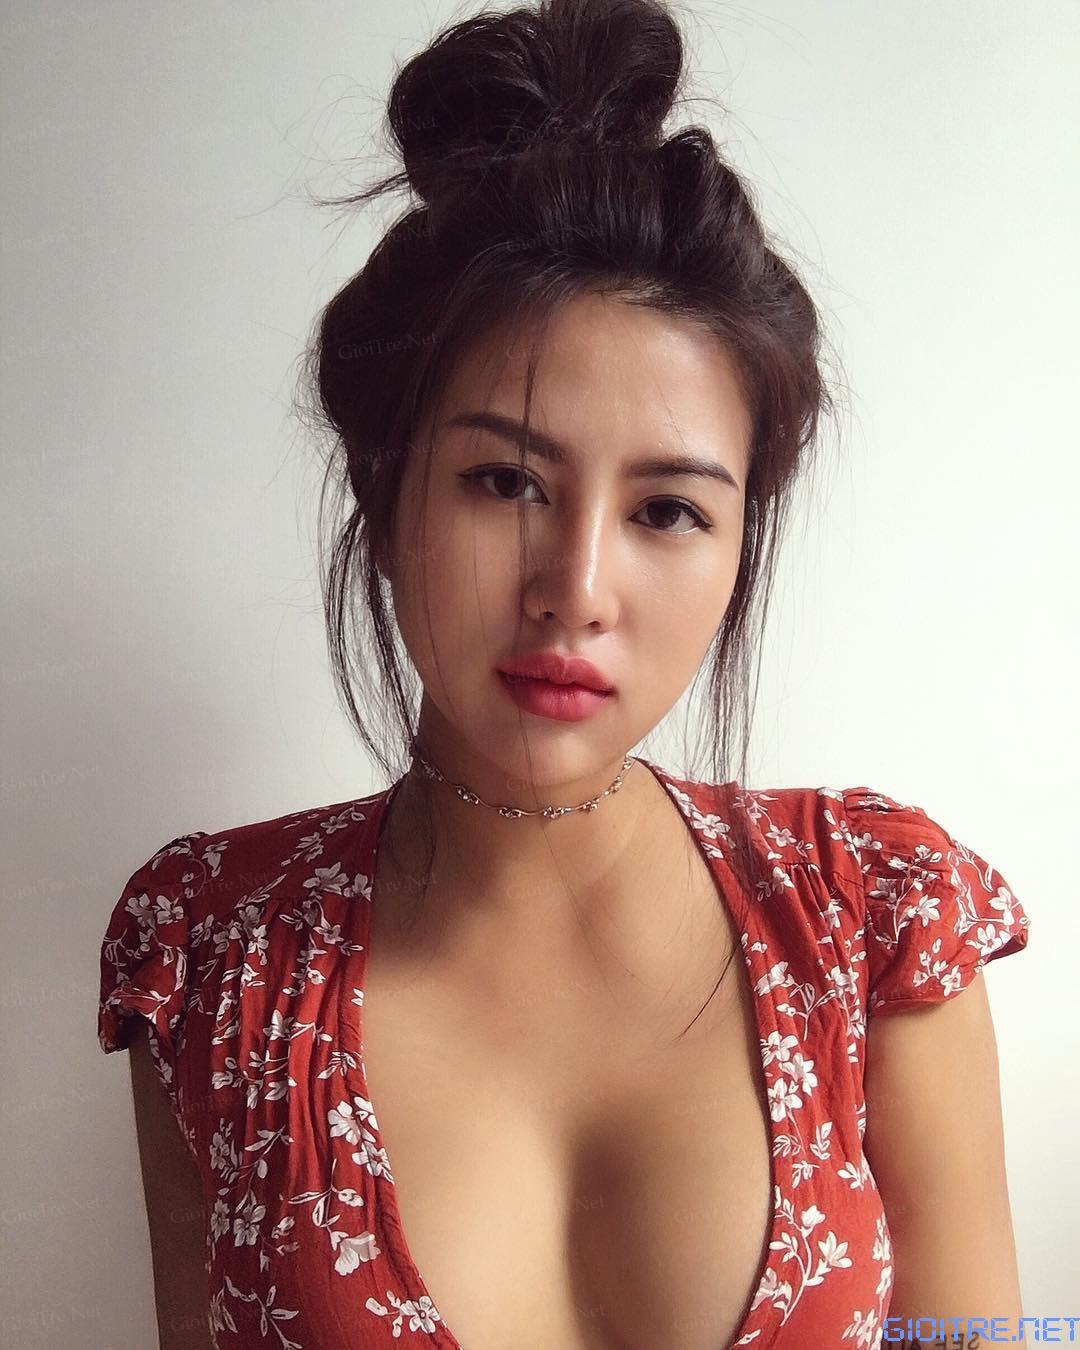 Lin U94: Nói sao hết được cái sự xinh gái này?!